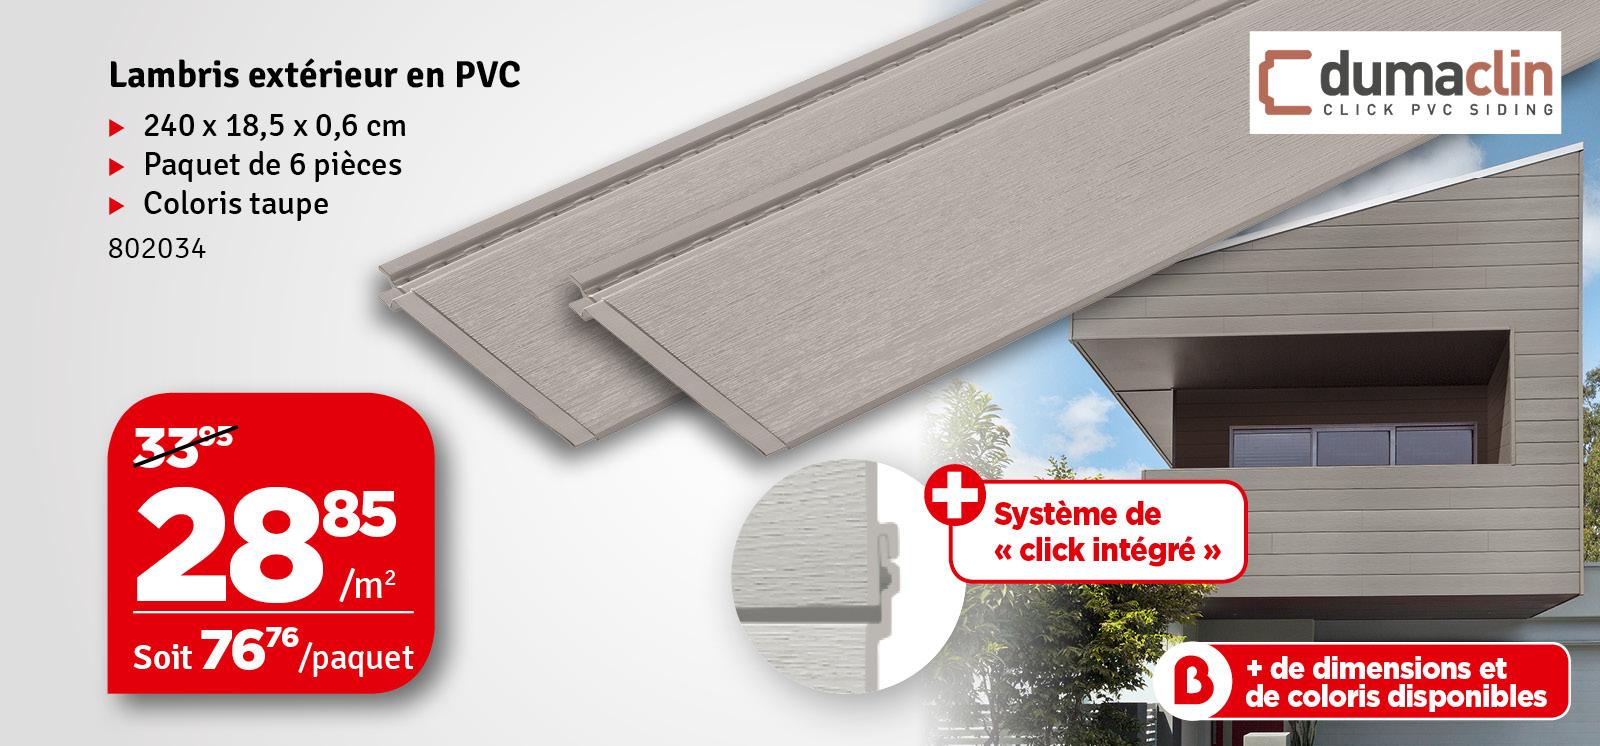 Promo - Lambris extérieur taupe en PVC 240 x 18,5 x 0,6 cm 6 pièces DUMACLIN